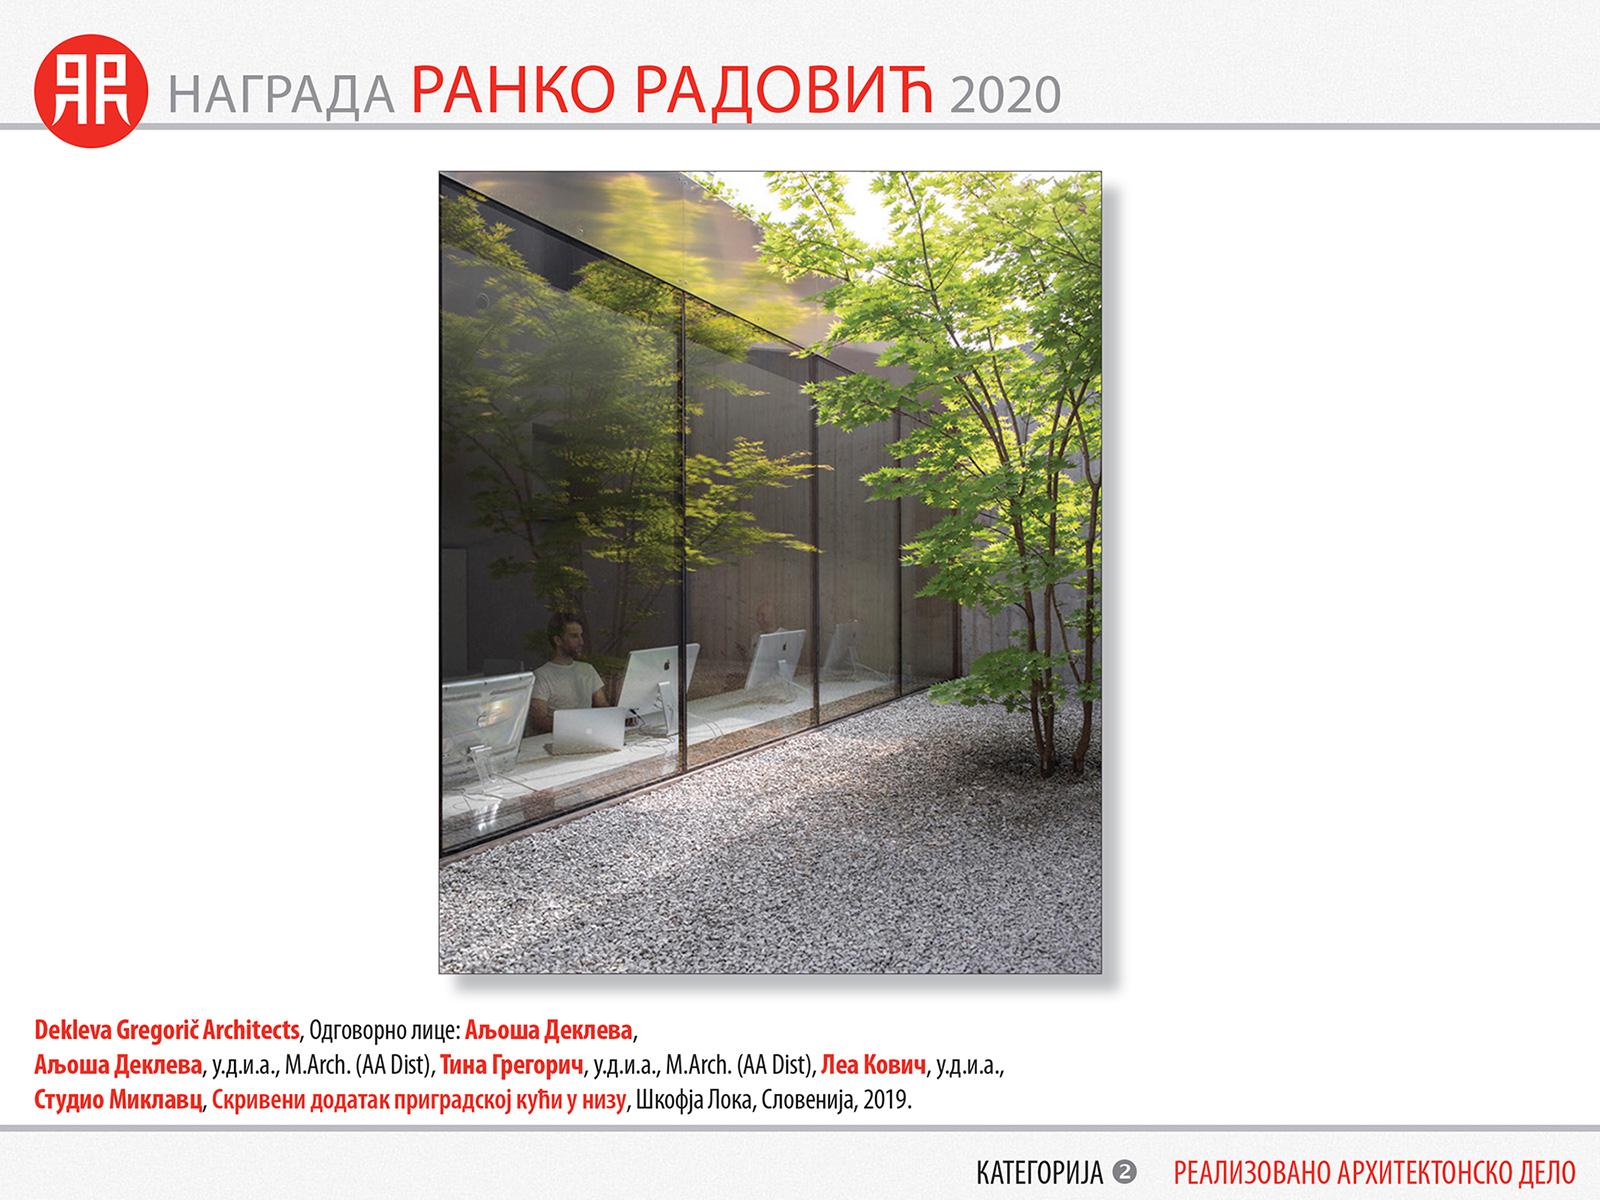 RR20_Nagrada_Kat-2-vh